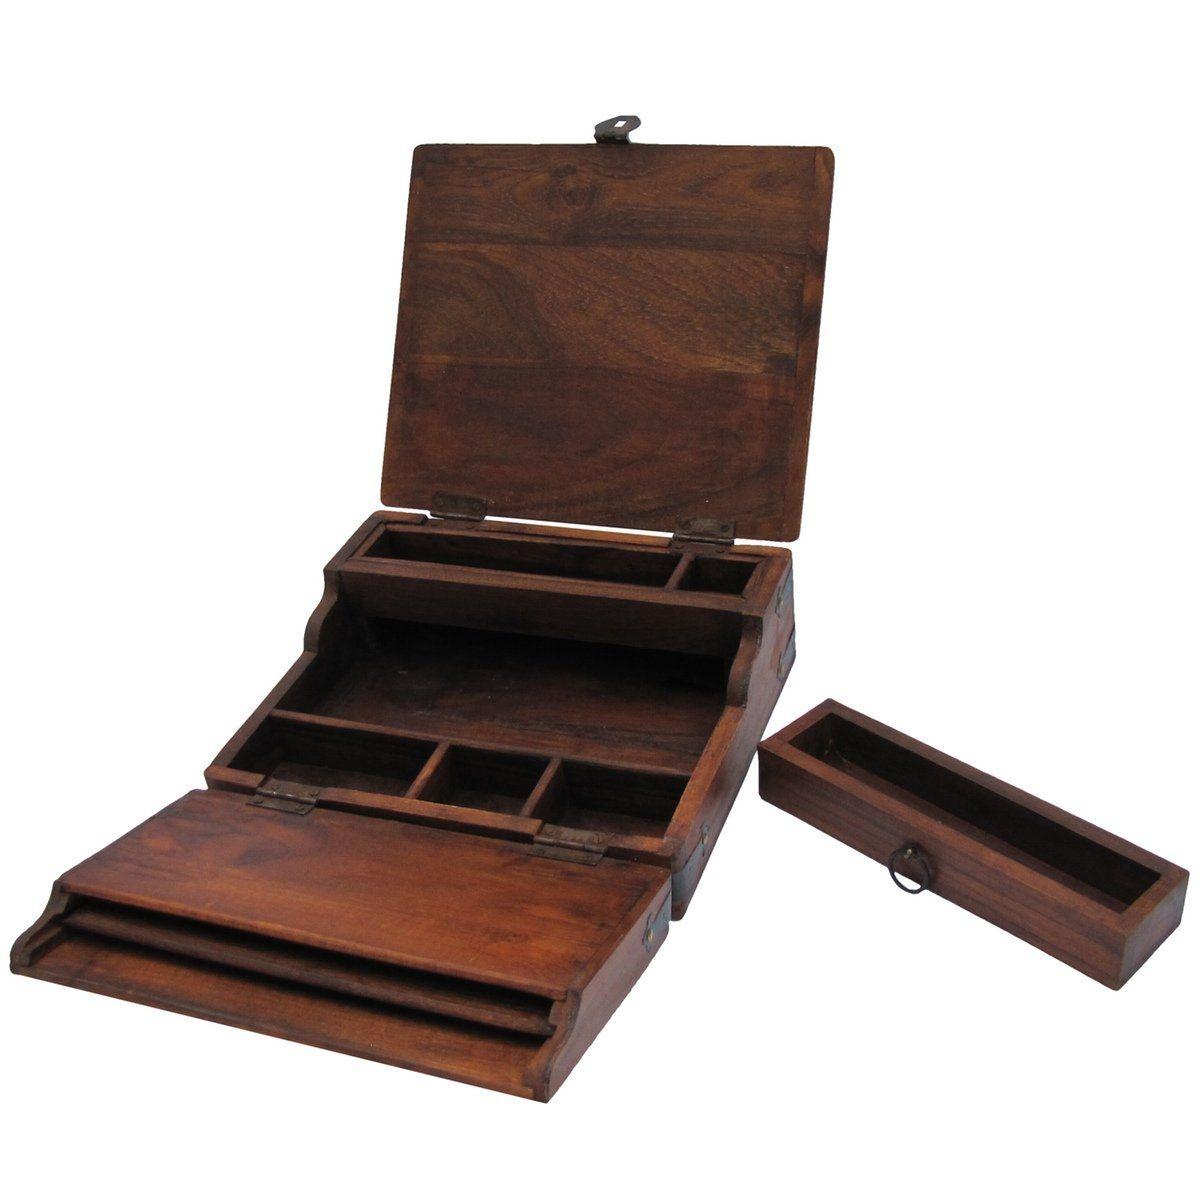 Antique style wood folding travel writing lap